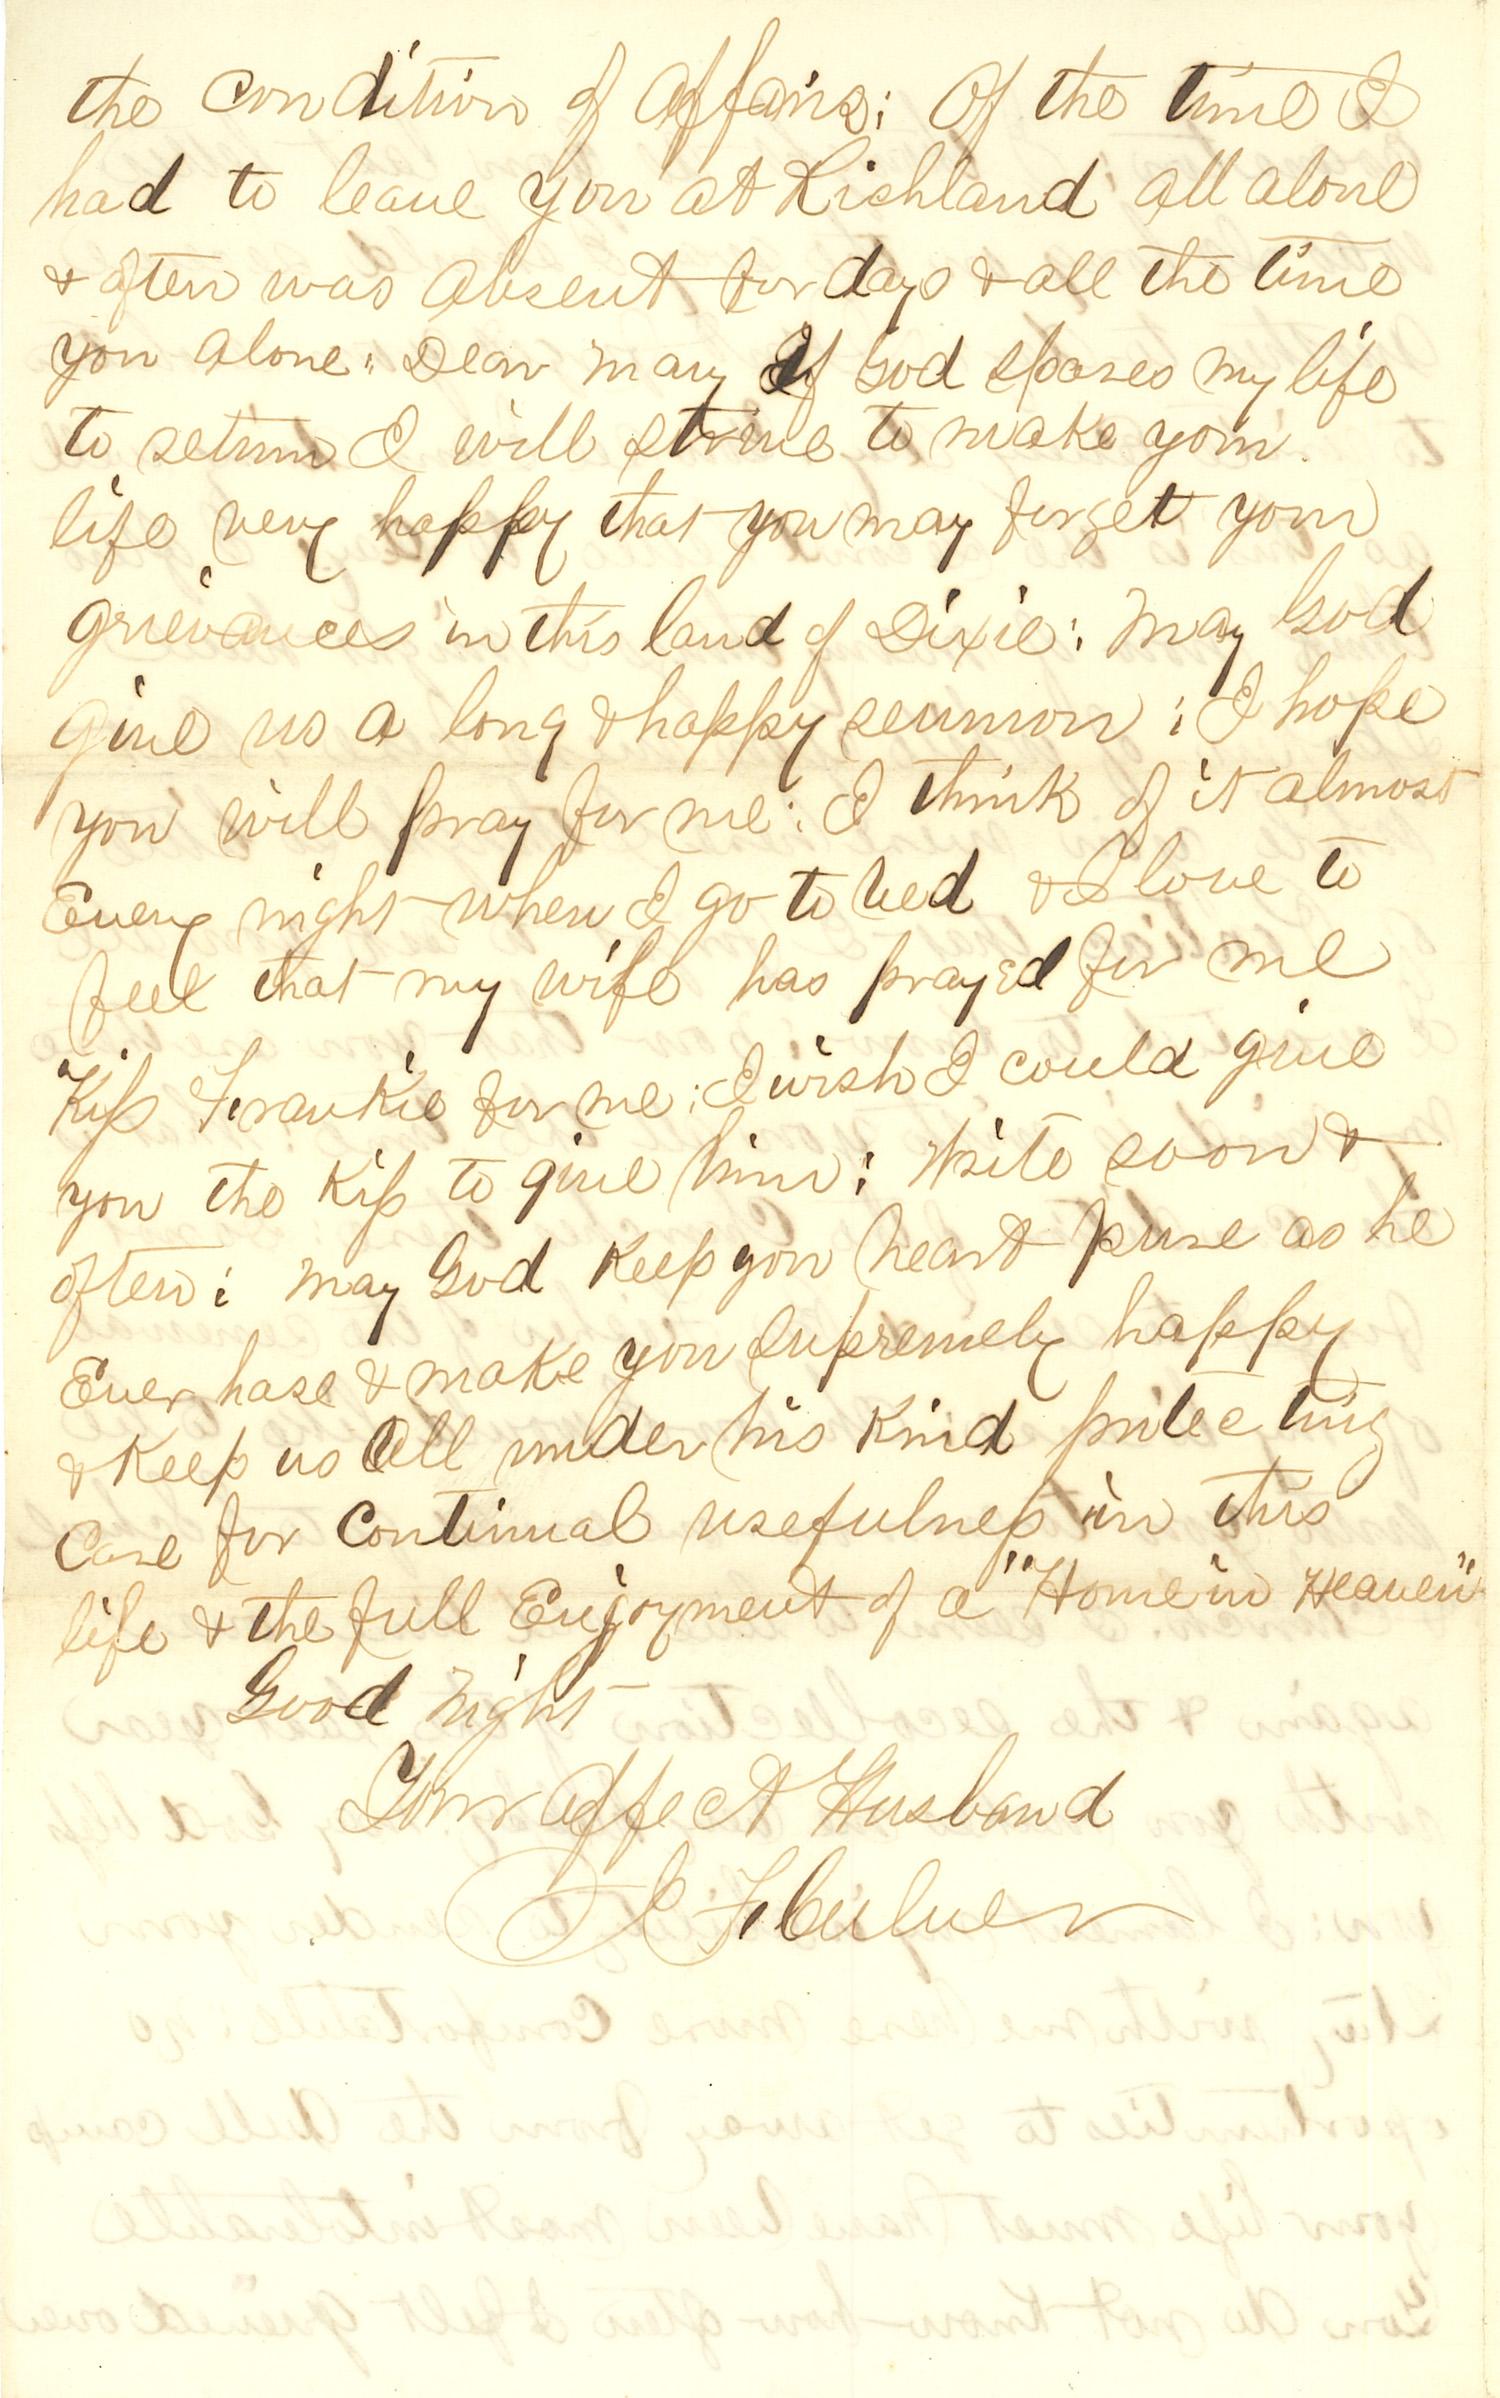 Joseph Culver Letter, June 27, 1863, Letter 2, Page 4